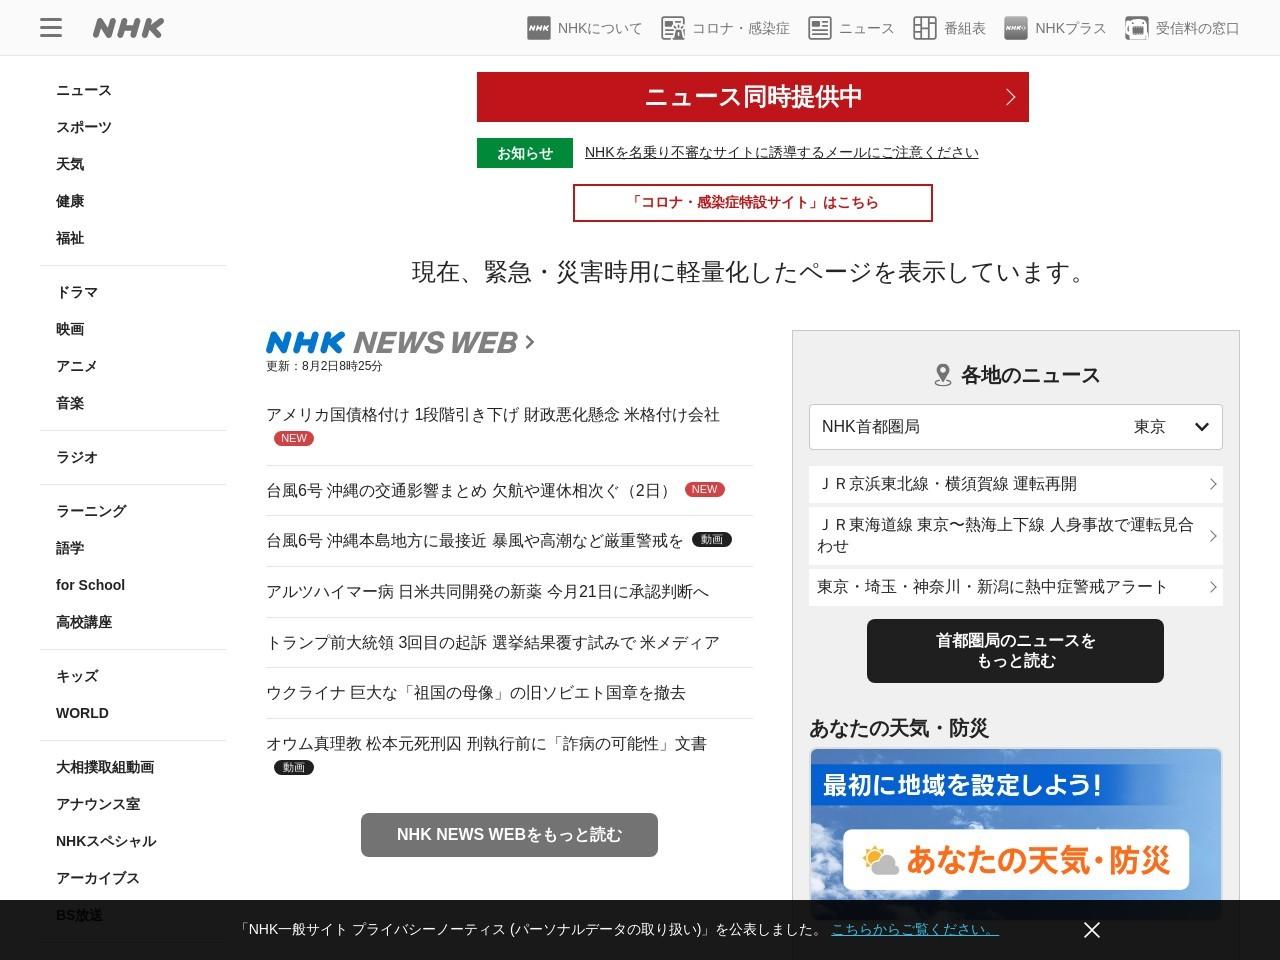 http://www.nhk.or.jp/mj/20130814.html